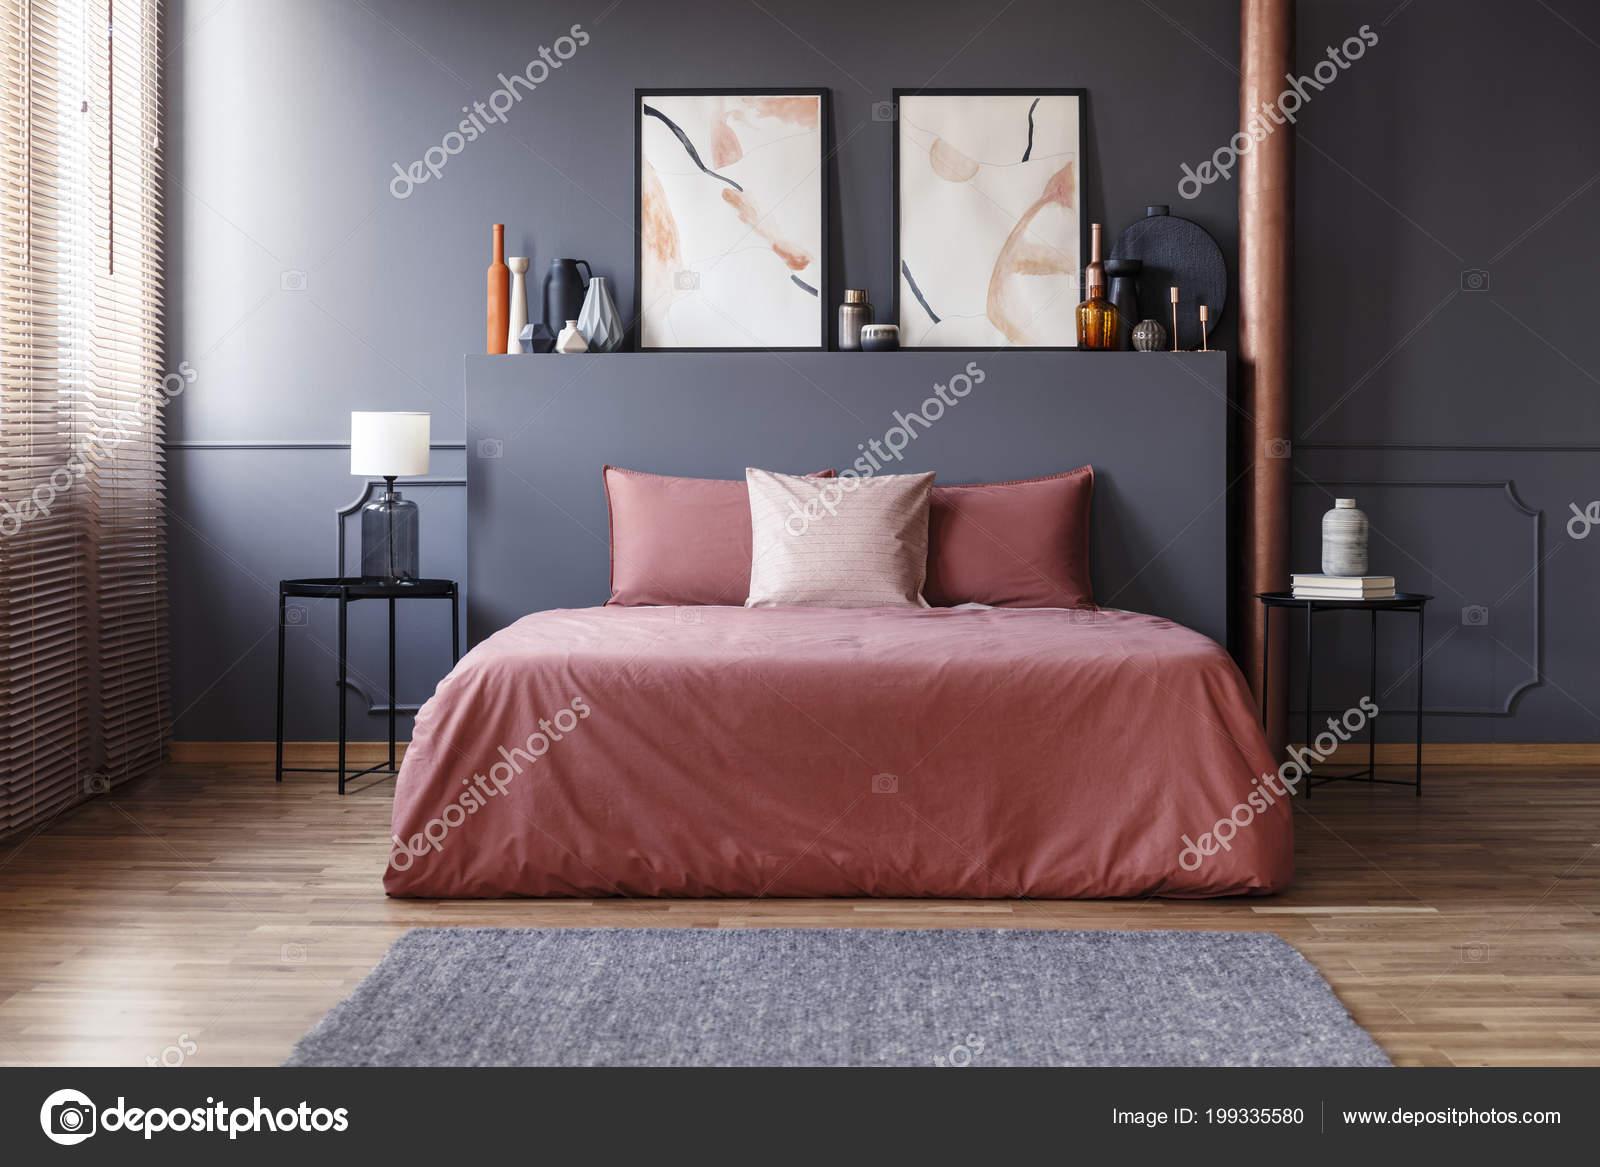 photo reelle d un interieur simple chambre avec sale literie rose sur le lit debout contre le mur gris fonce avec le bati entre deux tables de chevet